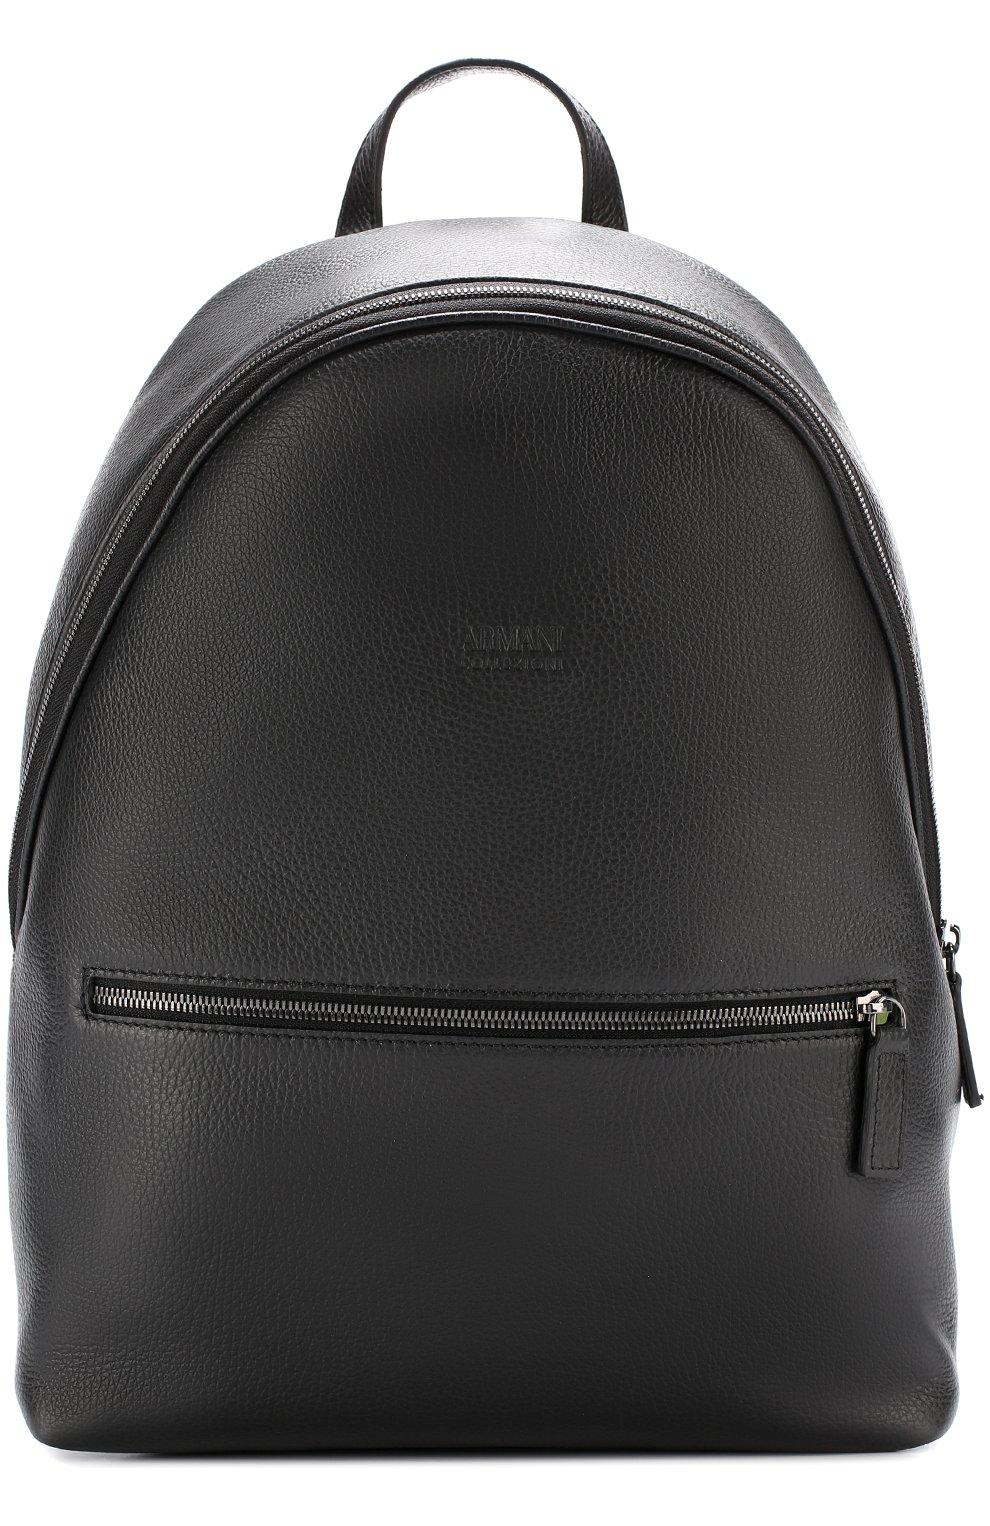 491c705448d3 Фото Мужской черный кожаный рюкзак с внешним карманом на молнии ARMANI  COLLEZIONI Италия 5193197 542000/